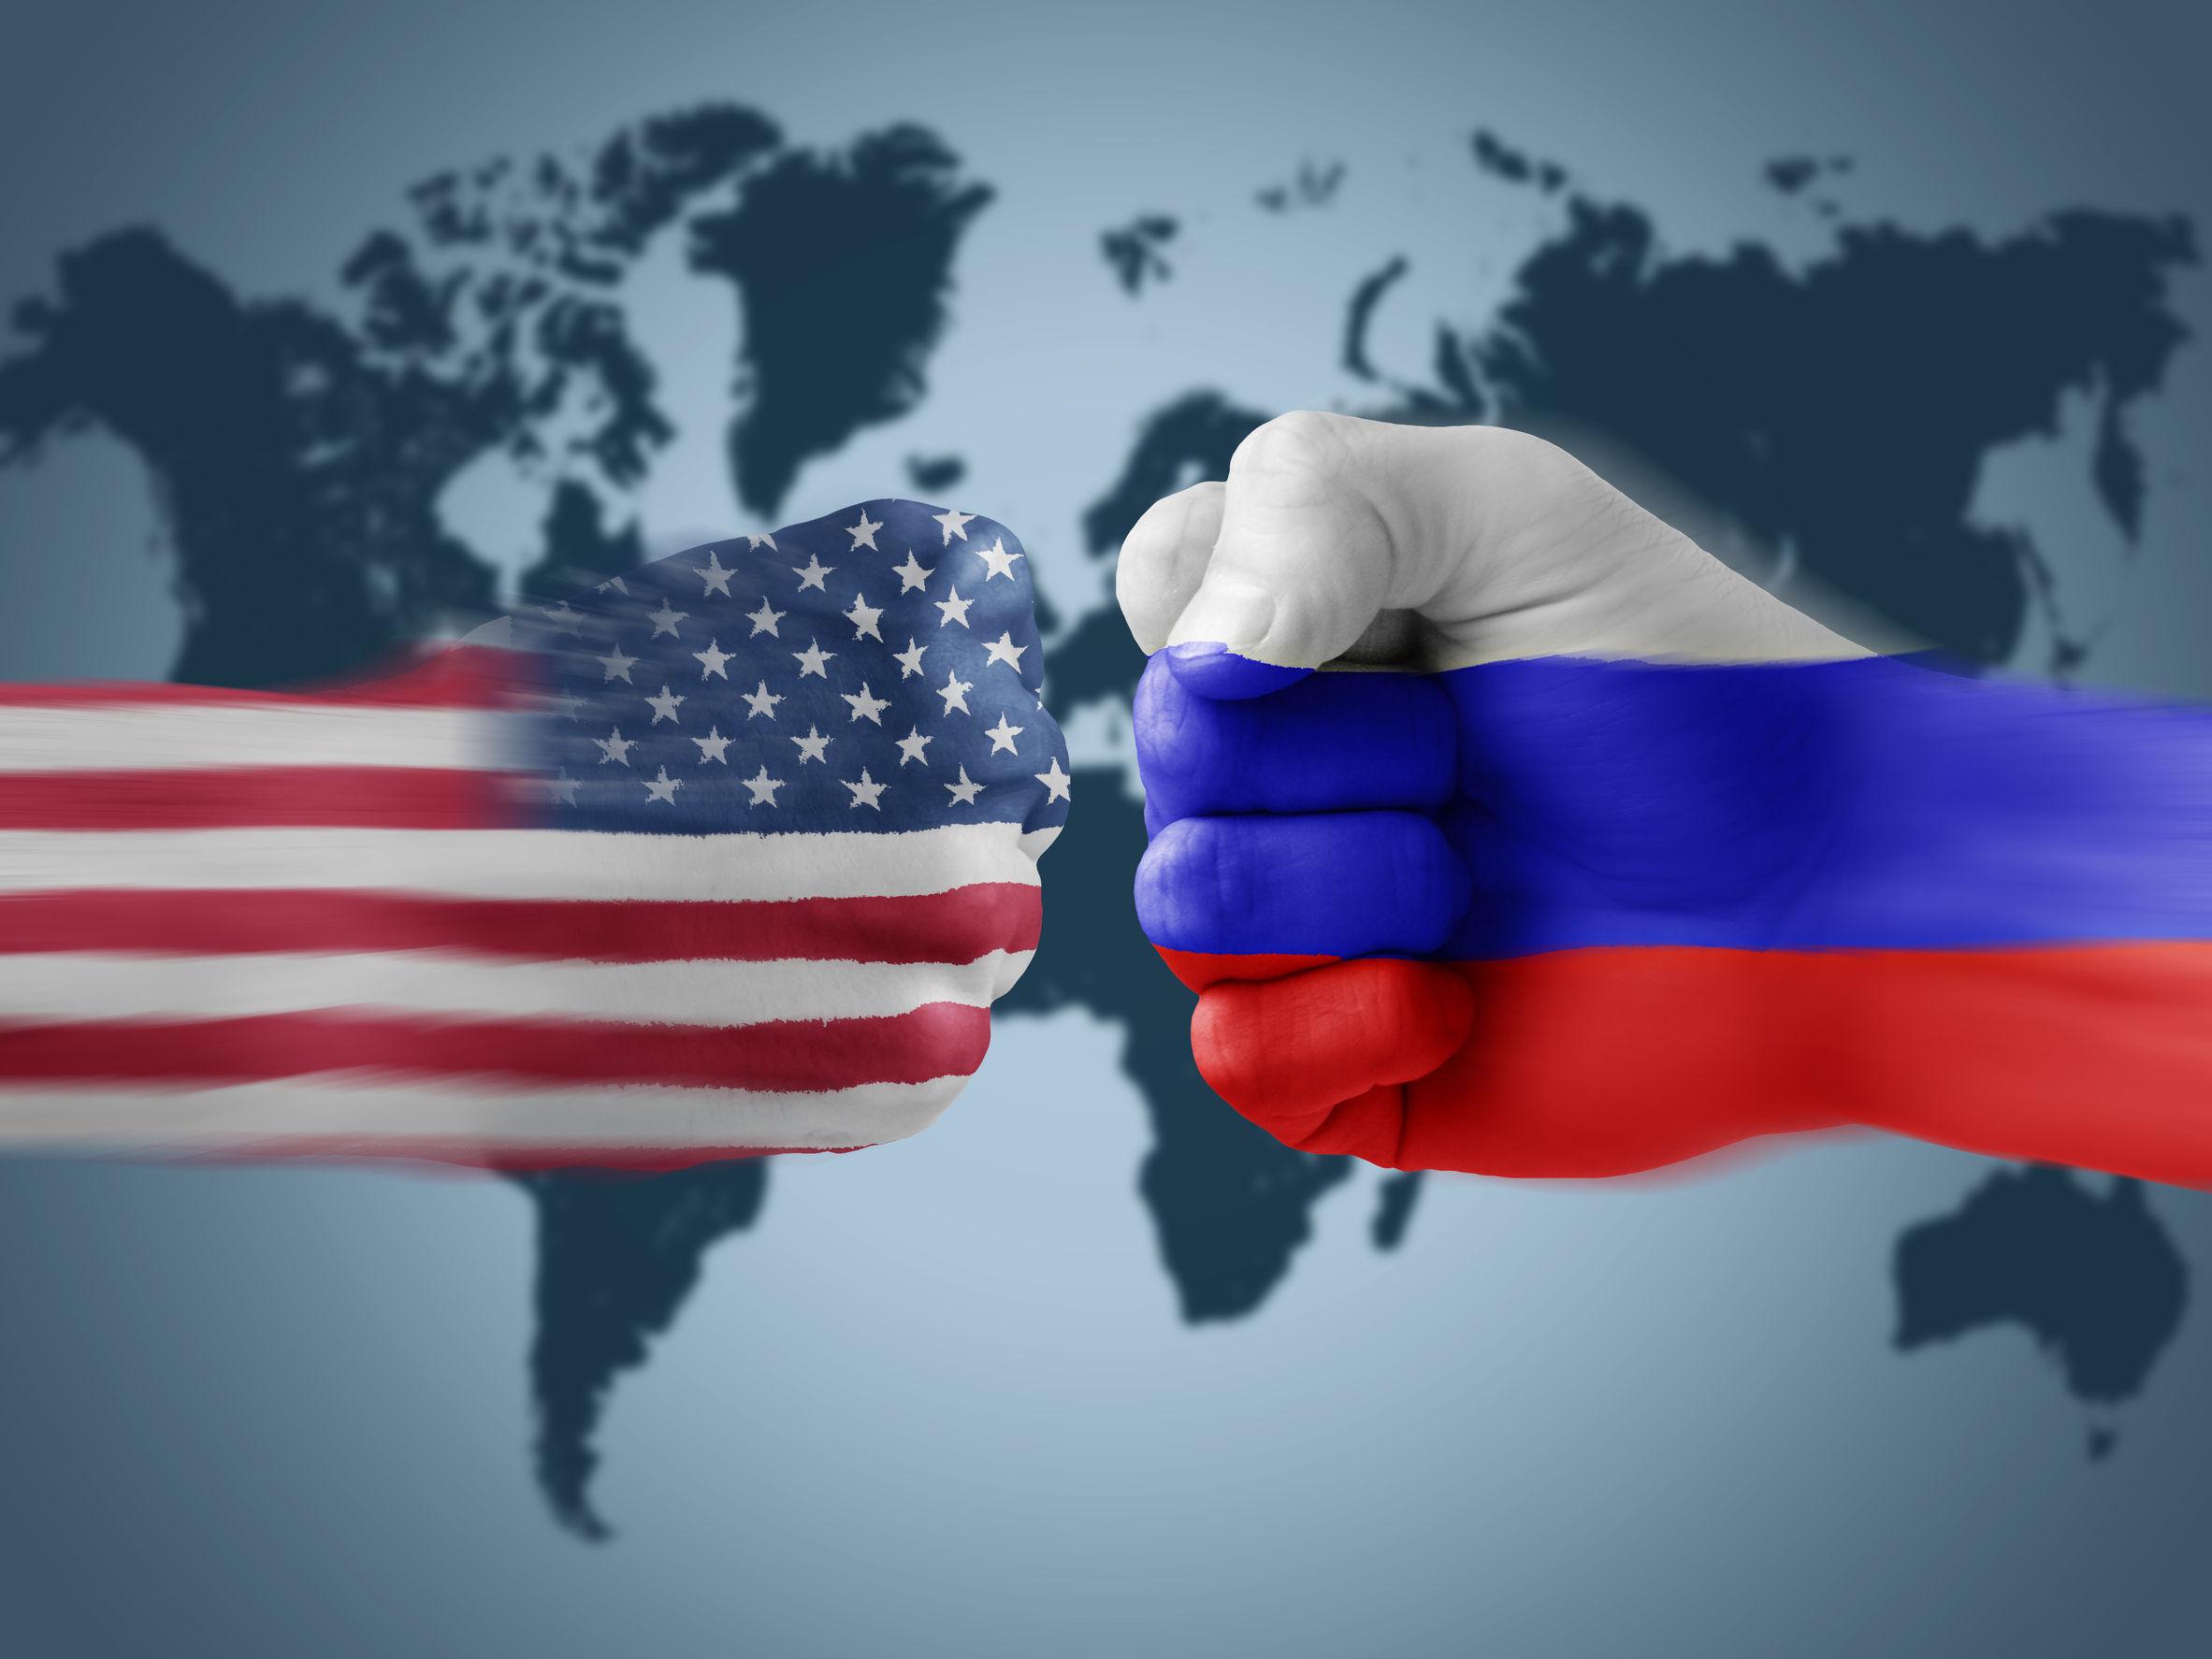 Statele Unite nu vor influenţa scrutinul prezidenţial din Rusia, susţine un diplomat american